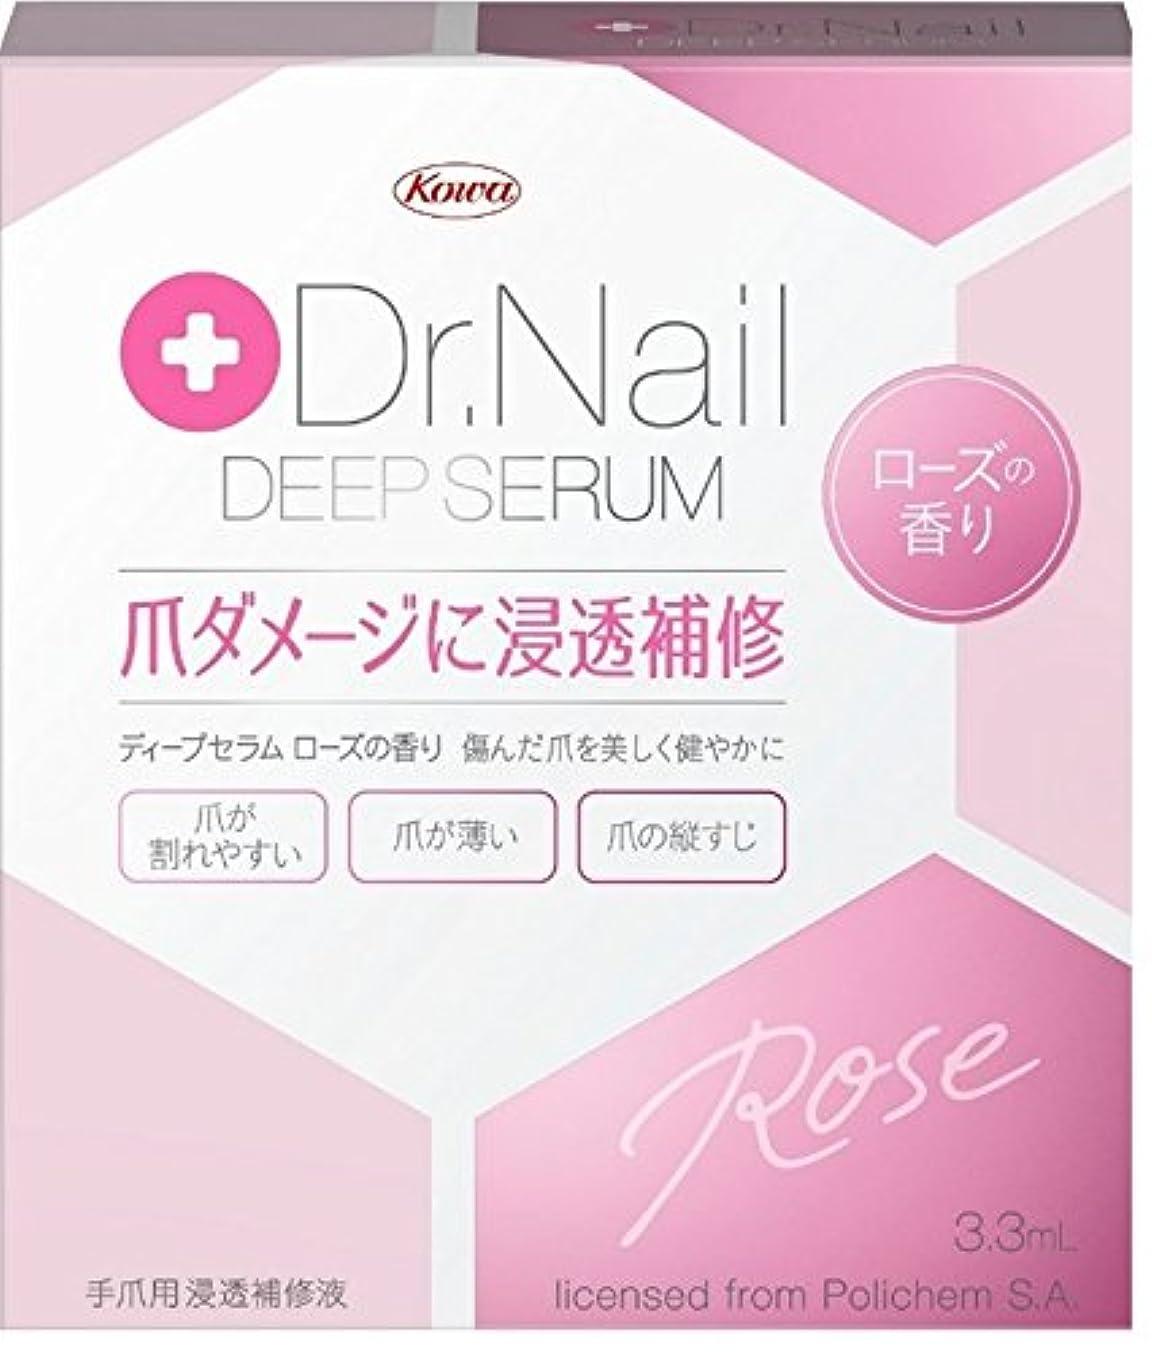 避難する疾患電信興和(コーワ) Dr.Nail DEEP SERUM ドクターネイル ディープセラム 3.3ml ローズの香り